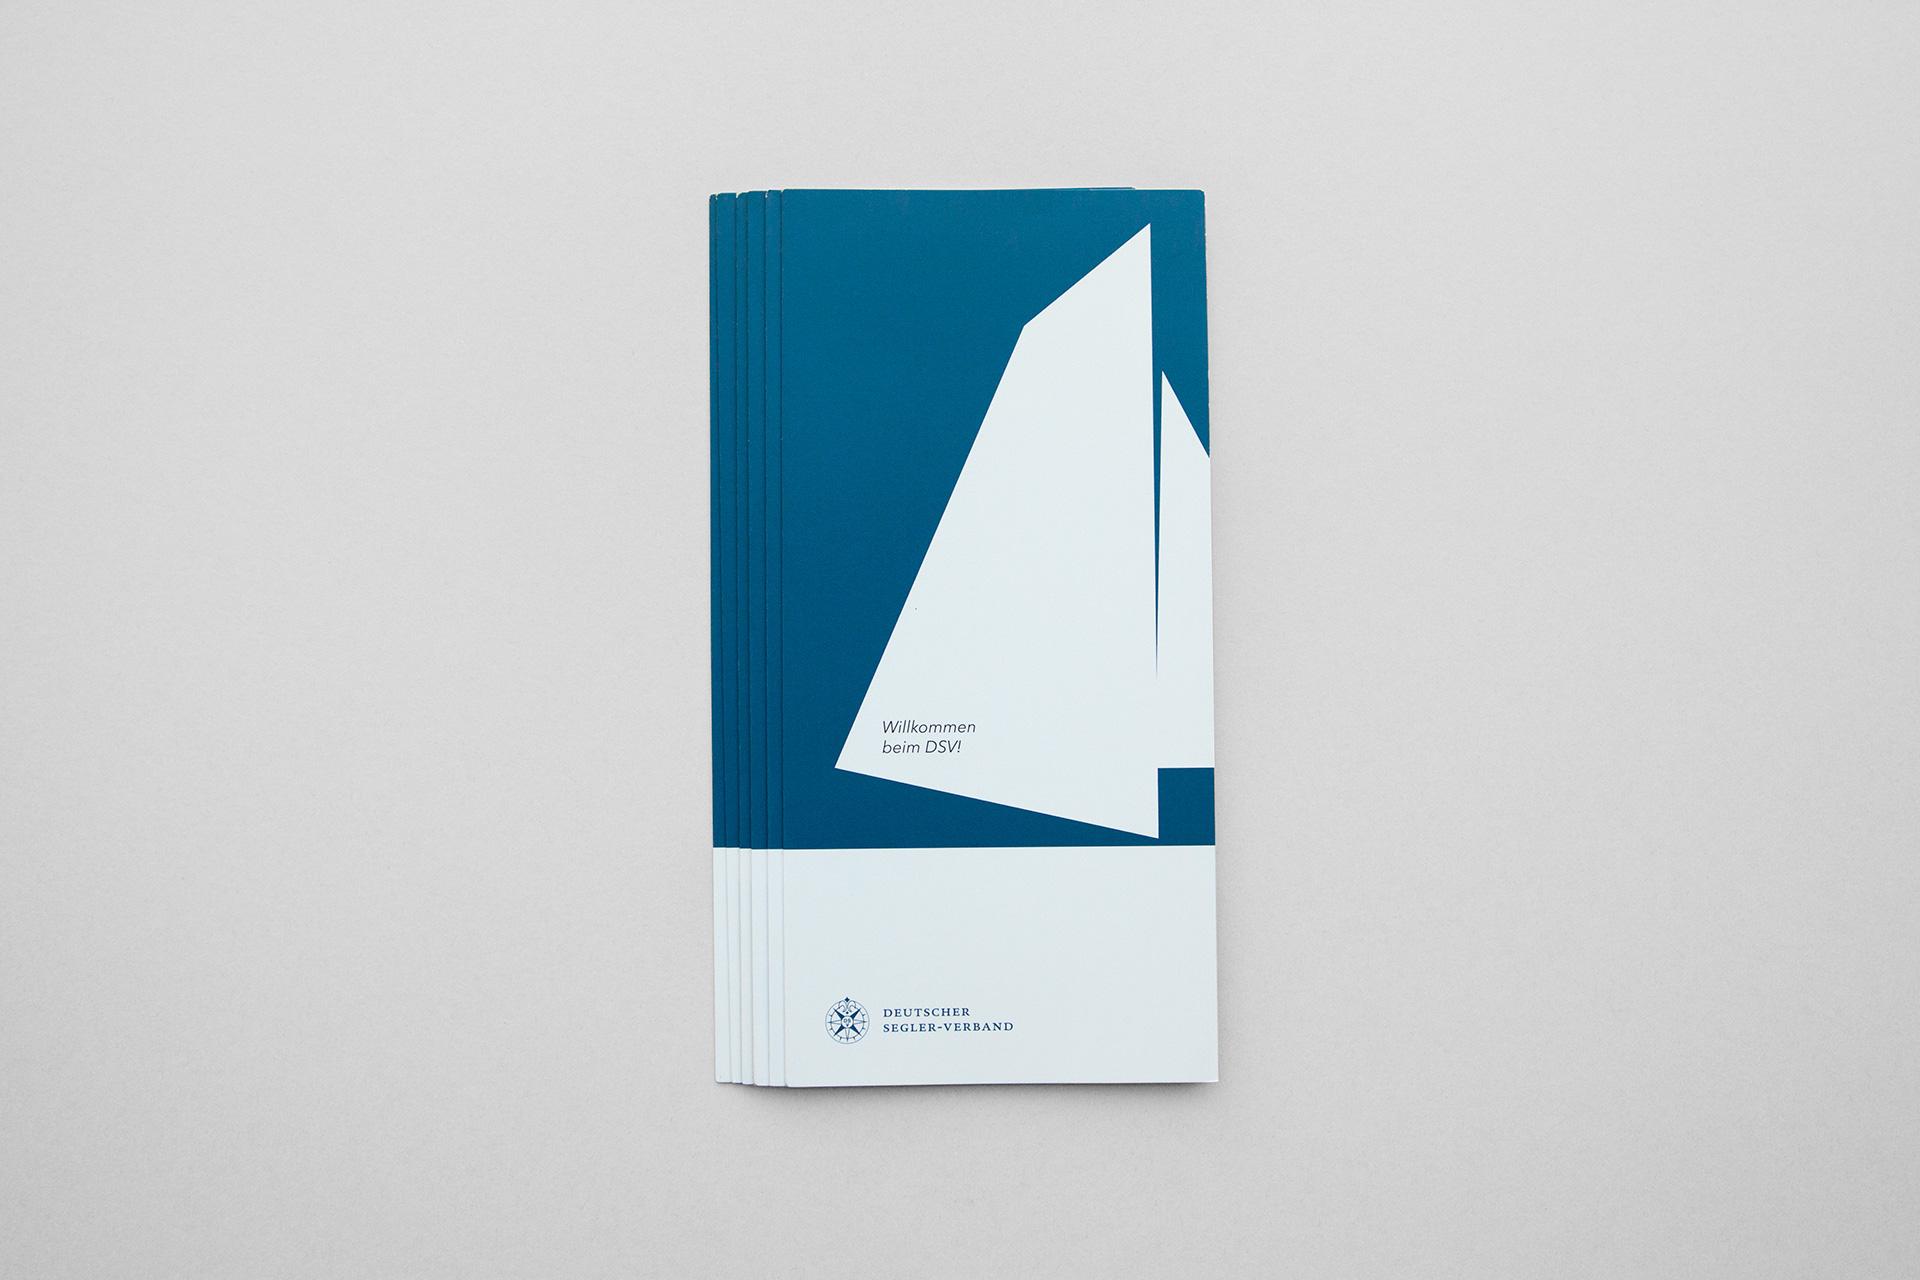 dsv-folder-buero-ink-1